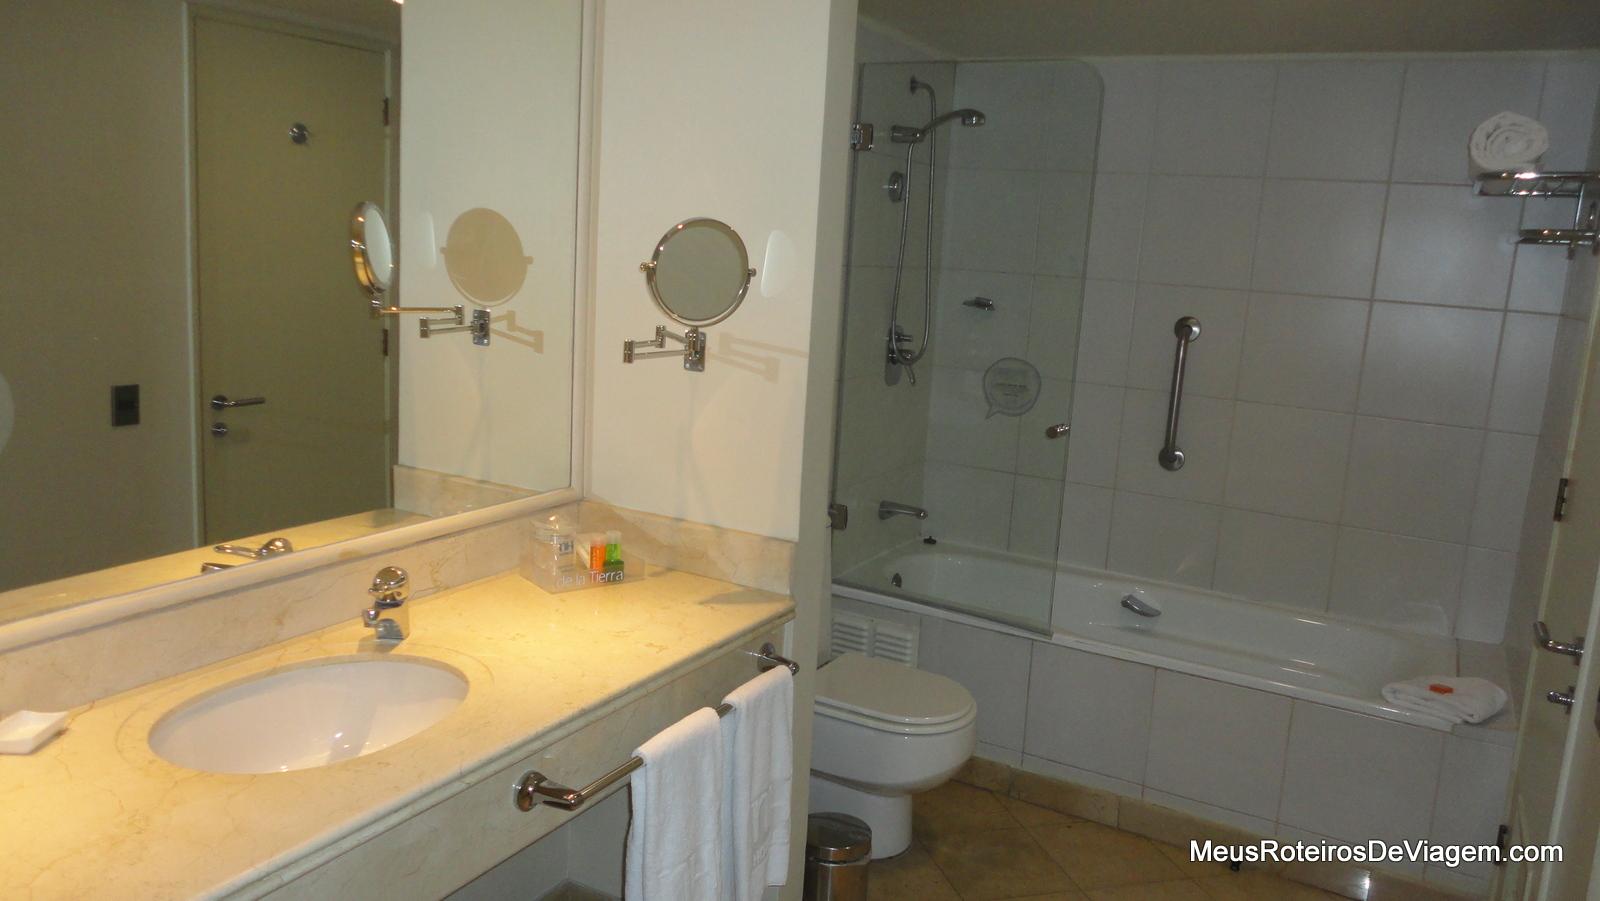 Imagens de #976C34 Dica de Hotel em Santiago: NH Ciudad de Santiago no bairro  1600x901 px 2776 Box Banheiro Nh